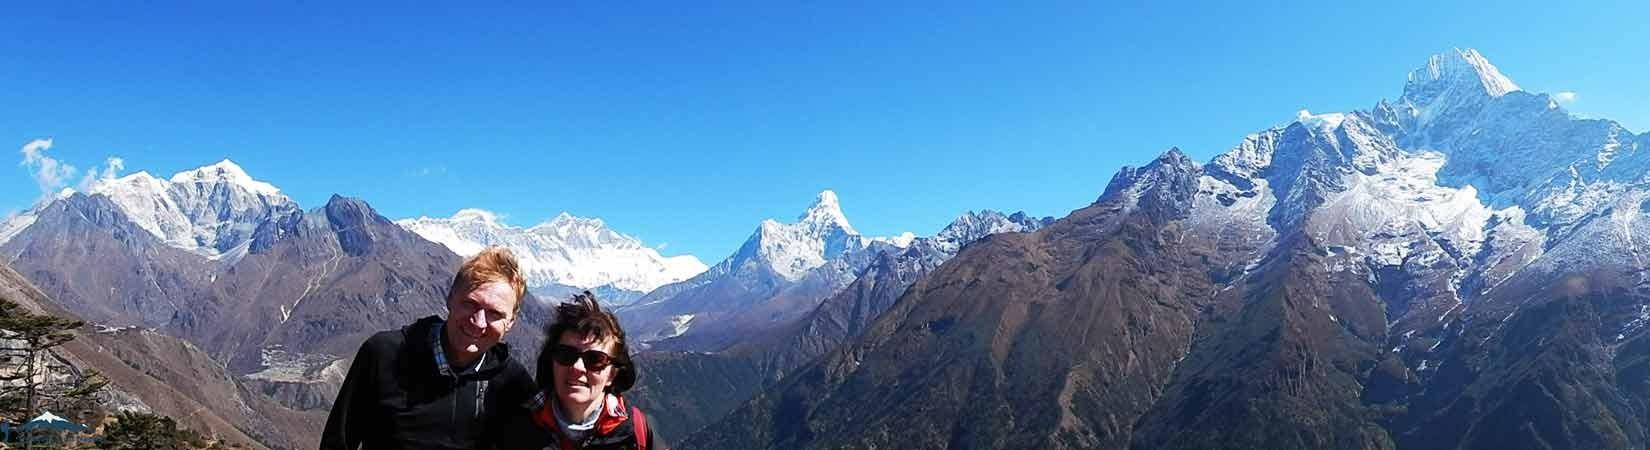 Everest Comfort Trekking